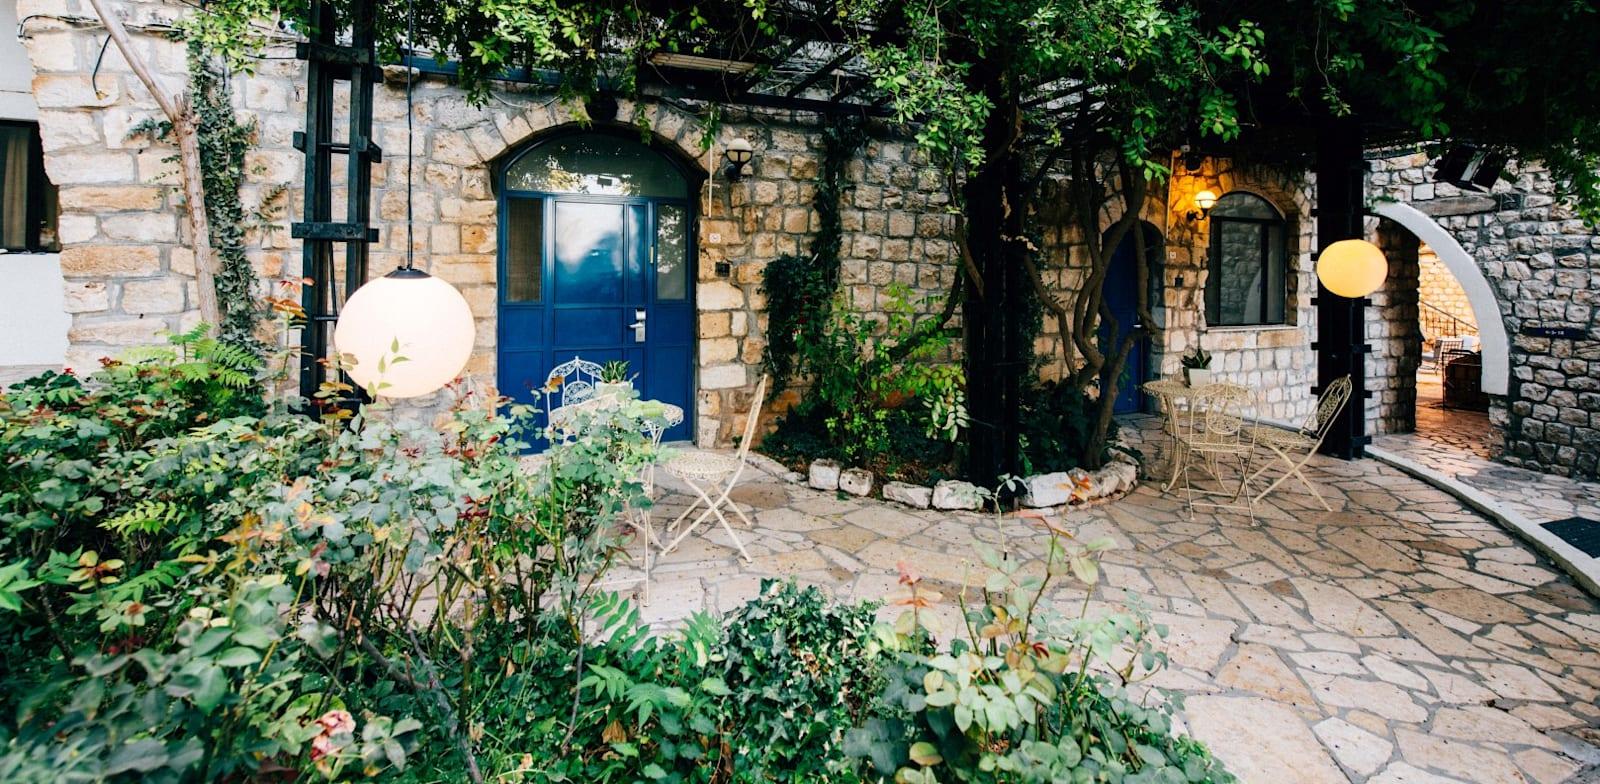 מלון דן רות צפת / צילום: אייל מריליוס